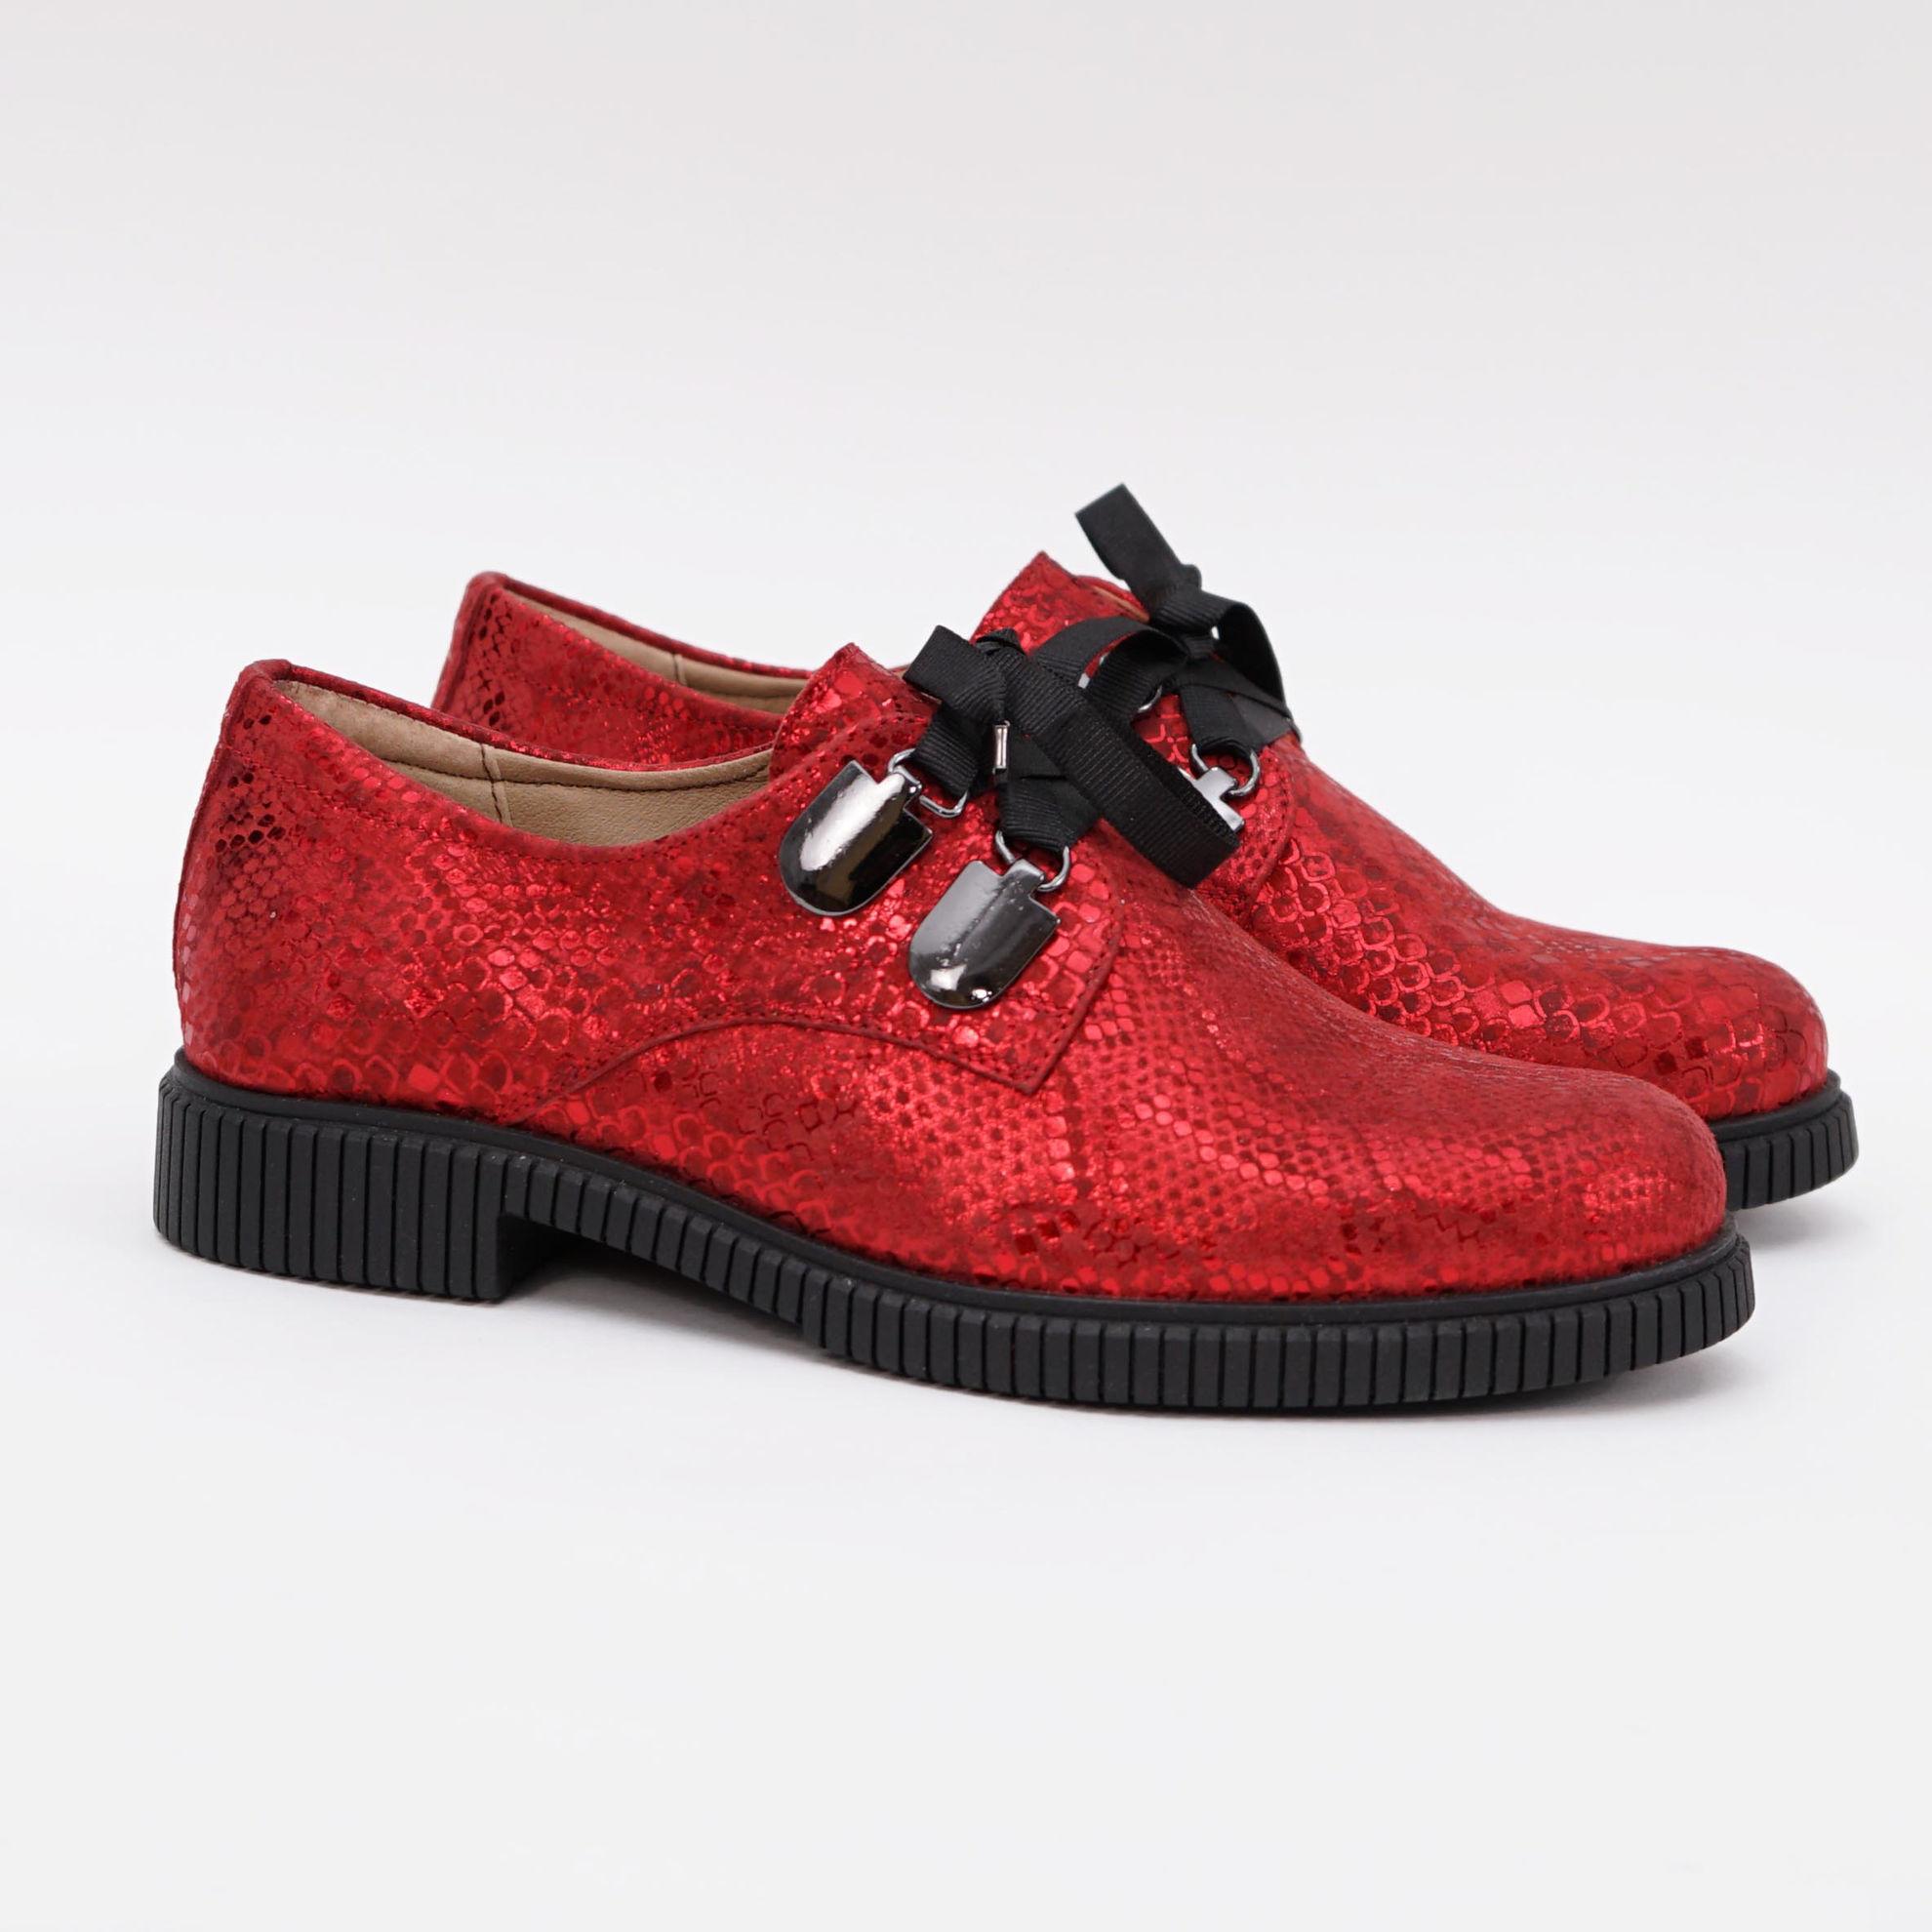 Imagine Pantofi damă piele naturală L 206 rosu snake